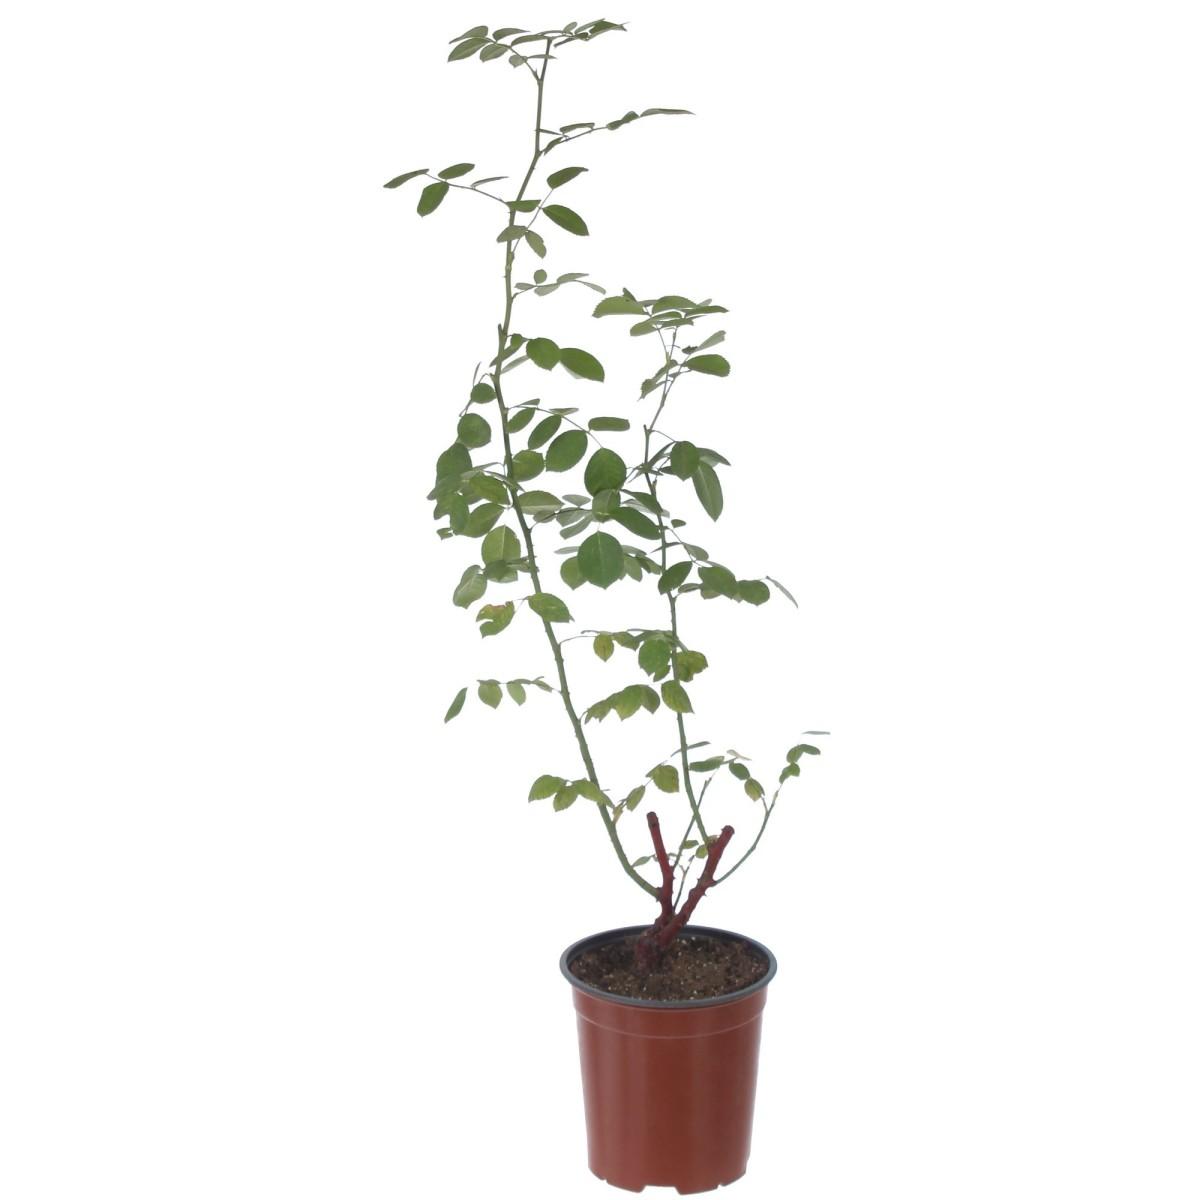 Роза плетистая Дон Жуан контейнер 3.5 л